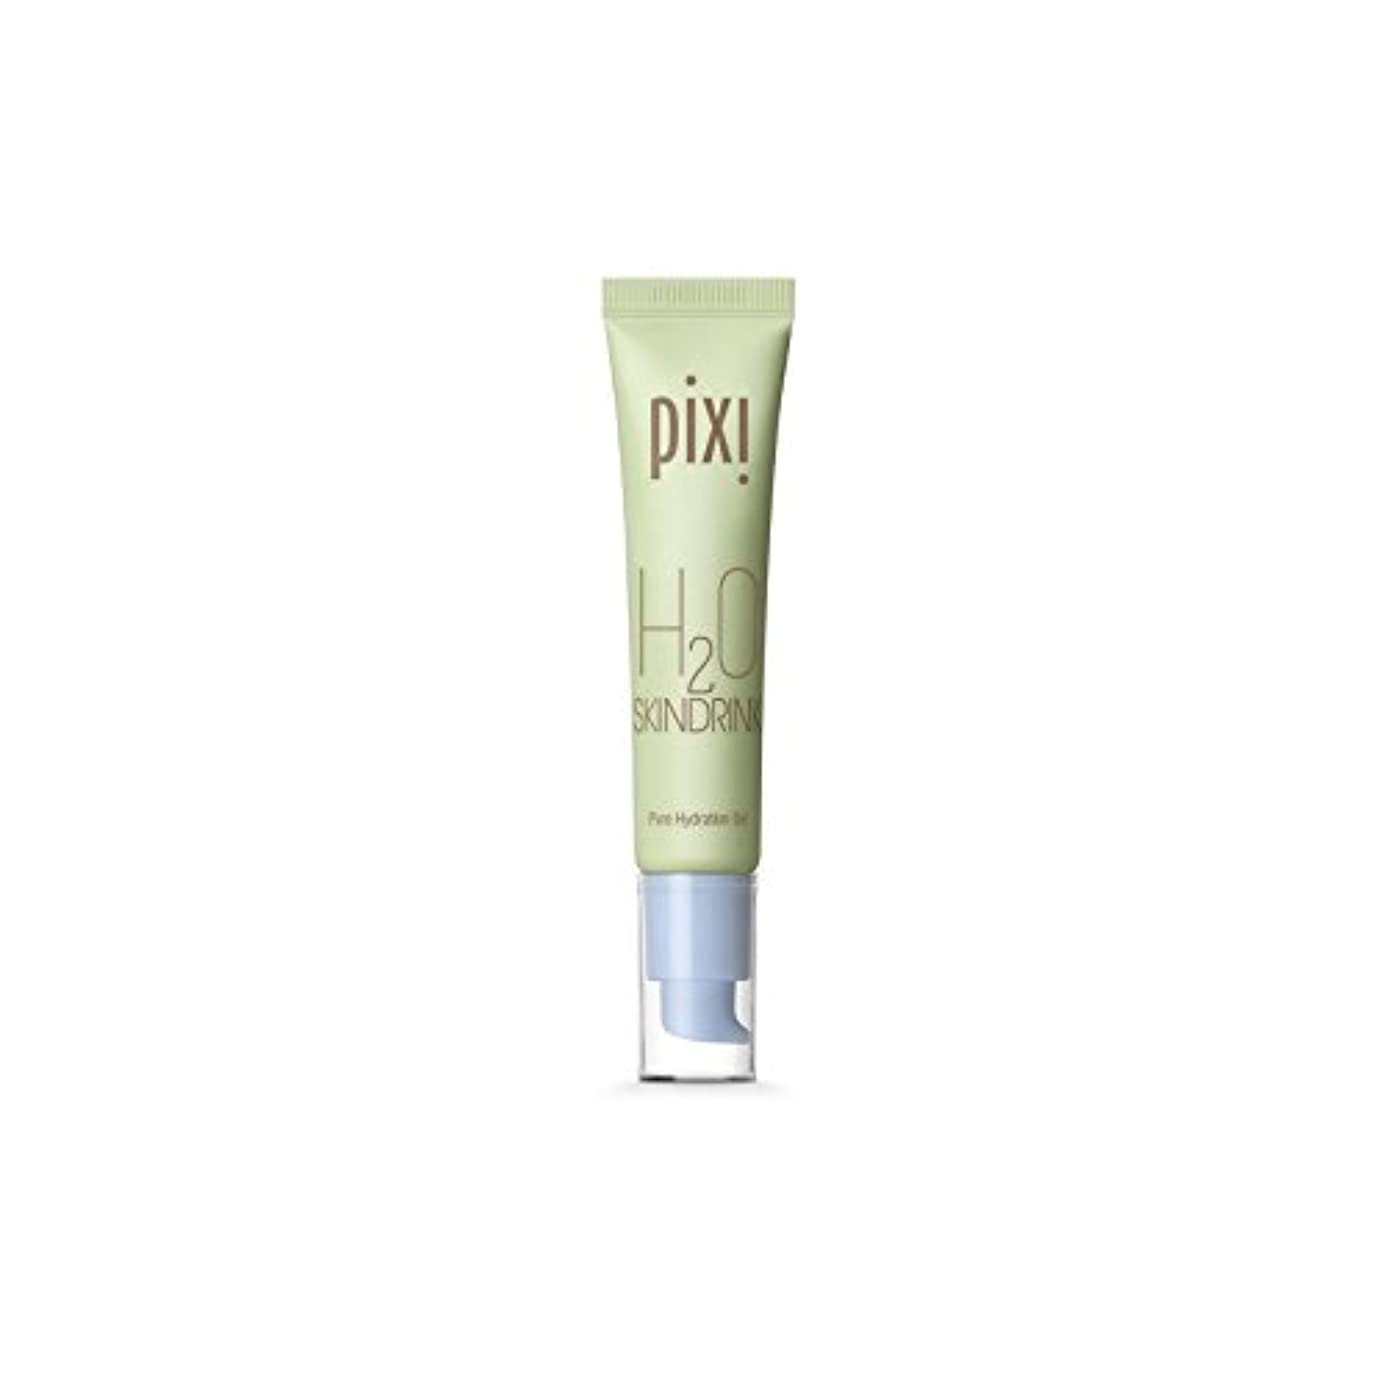 コイル予防接種する復活する20スキンドリンク x2 - Pixi H20 Skin Drink (Pack of 2) [並行輸入品]